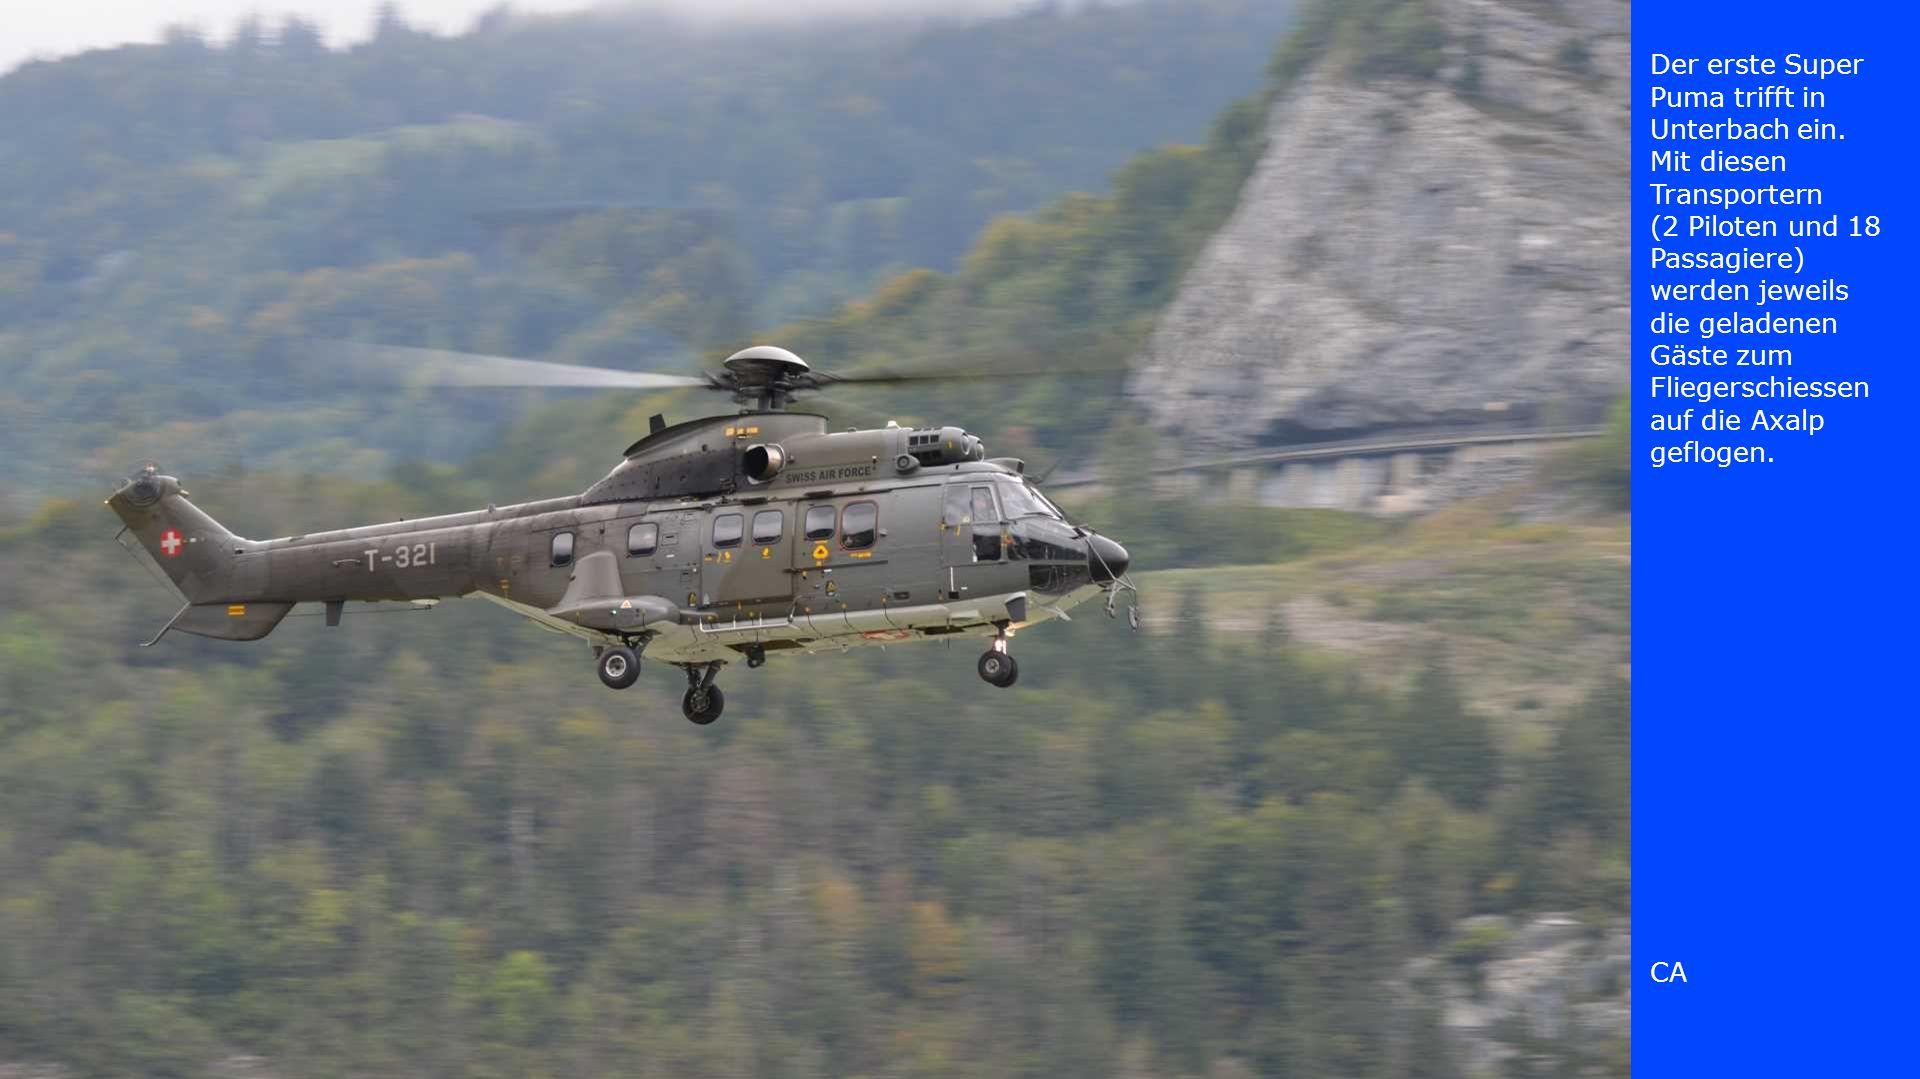 Der erste Super Puma trifft in Unterbach ein